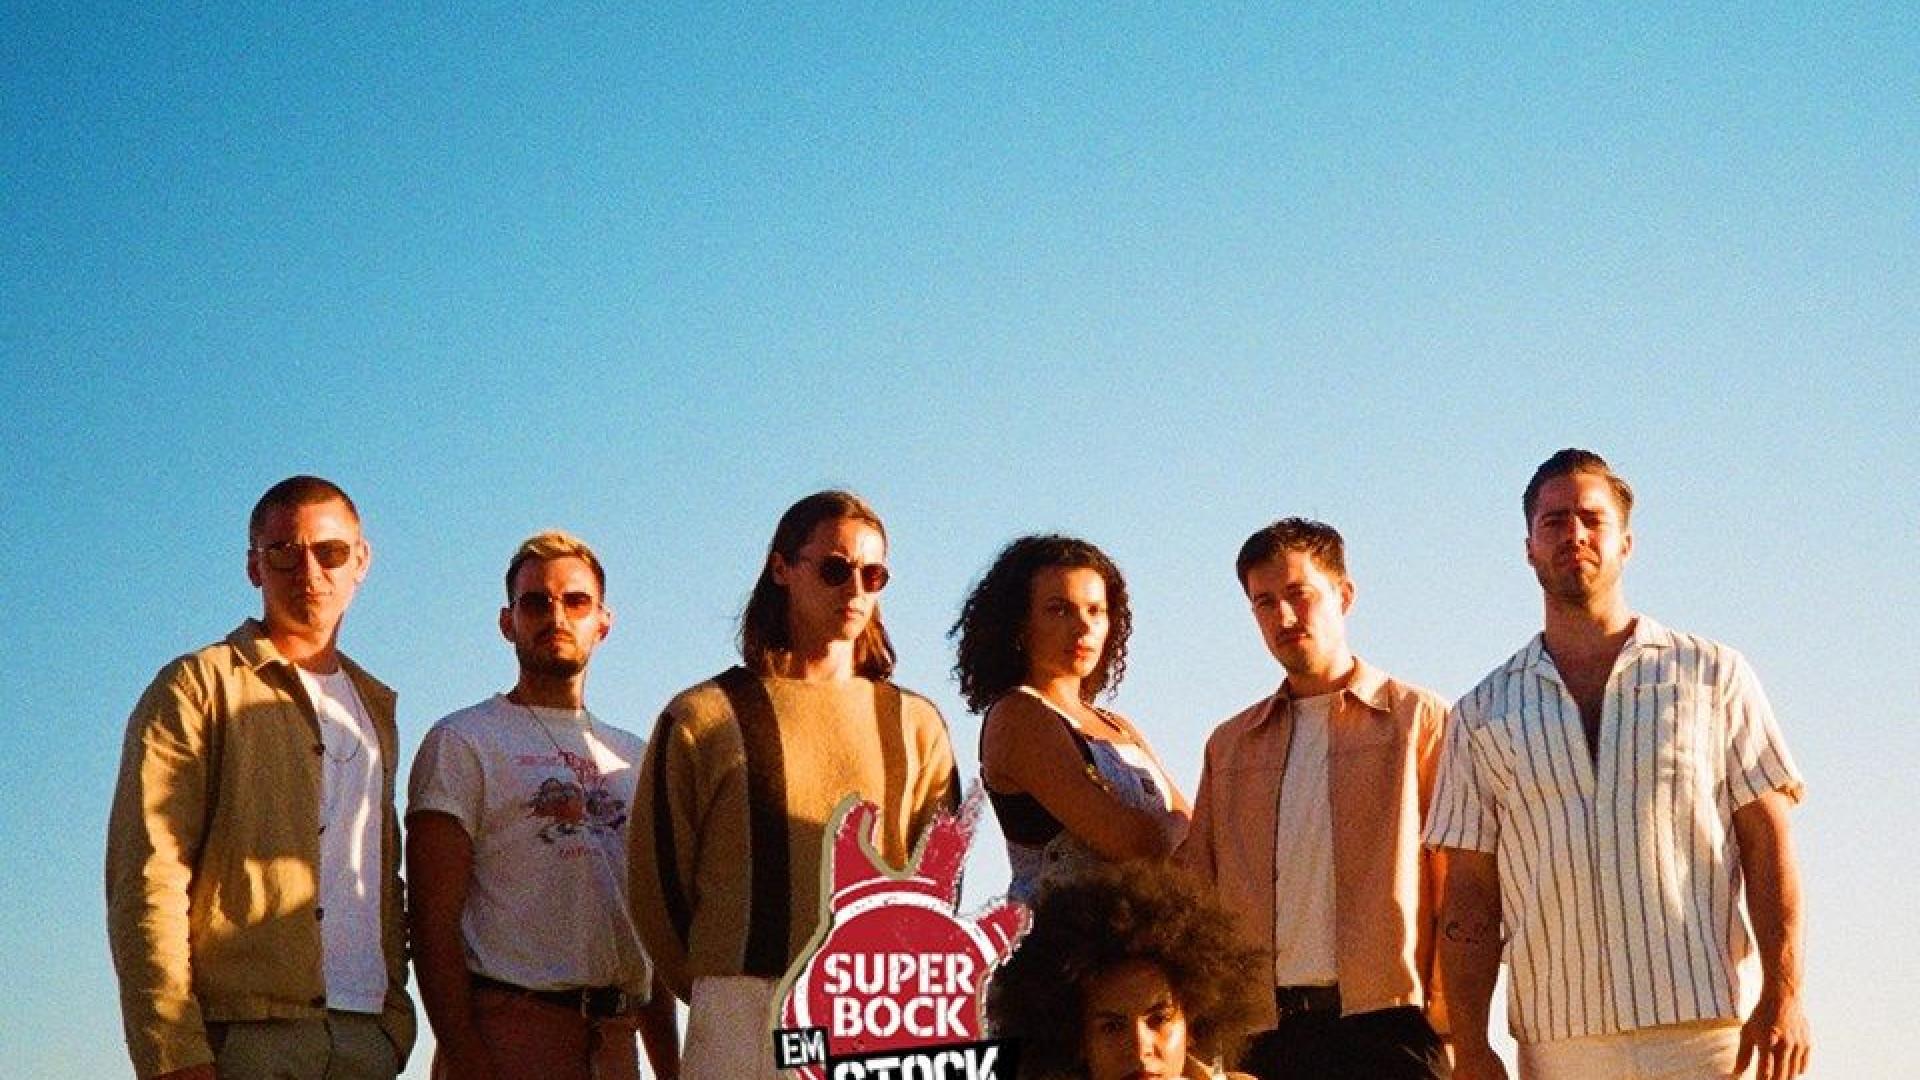 Jungle com data marcada para subir ao palco do Super Bock Super Bock